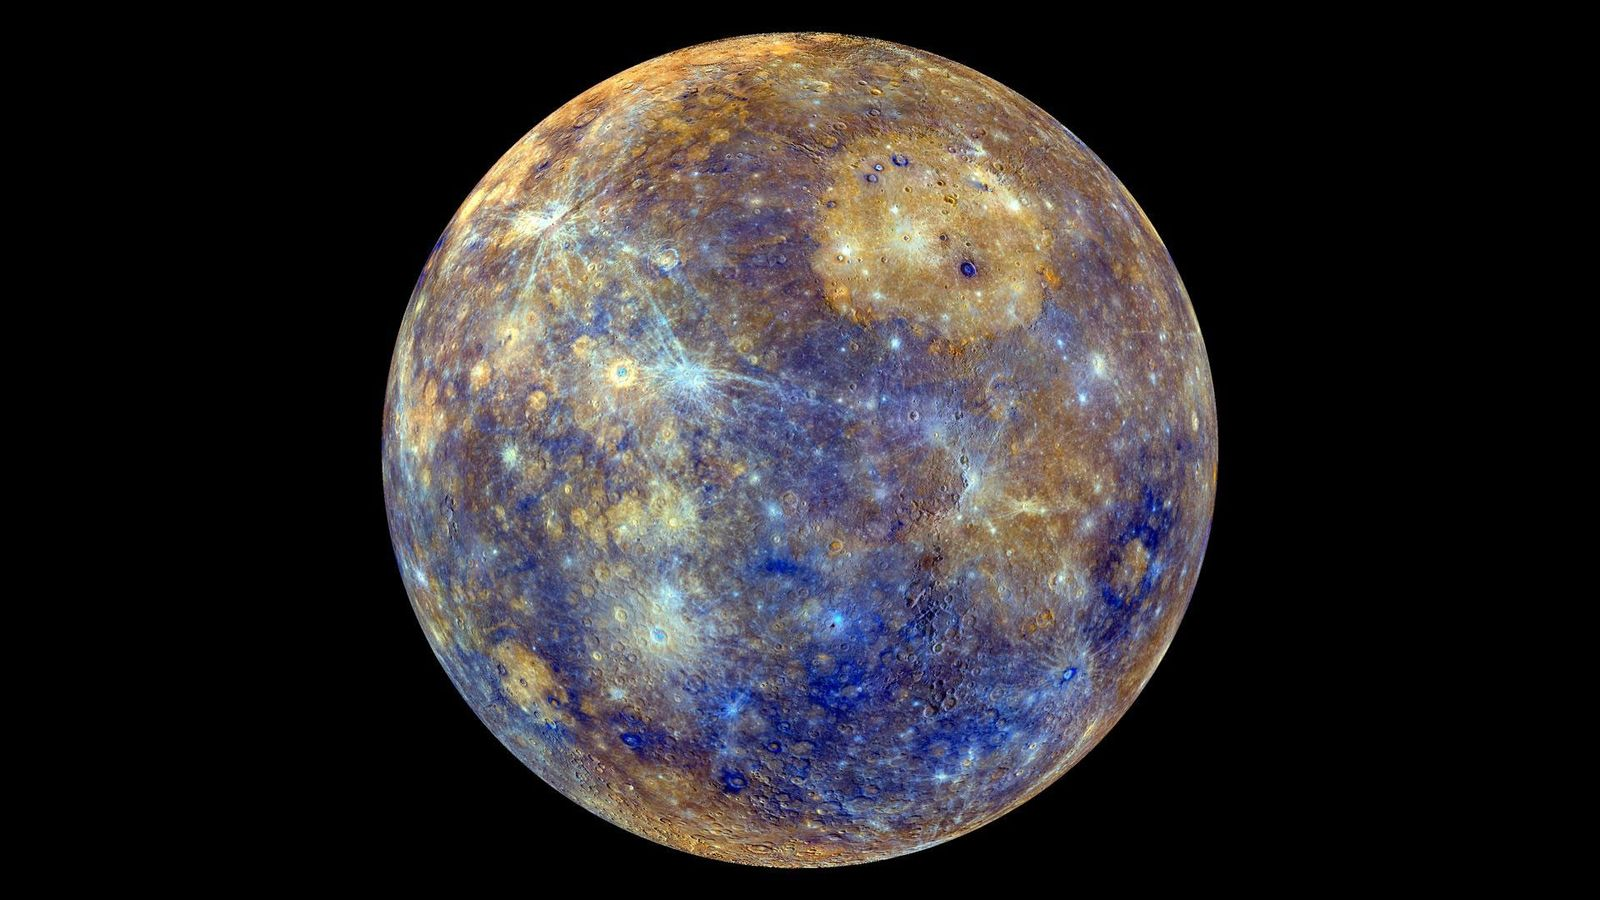 Diese farbenfrohe Aufnahme des Merkur wurde mit Bildern der NASA-Sonde MESSENGER erzeugt, die den Planeten von ...